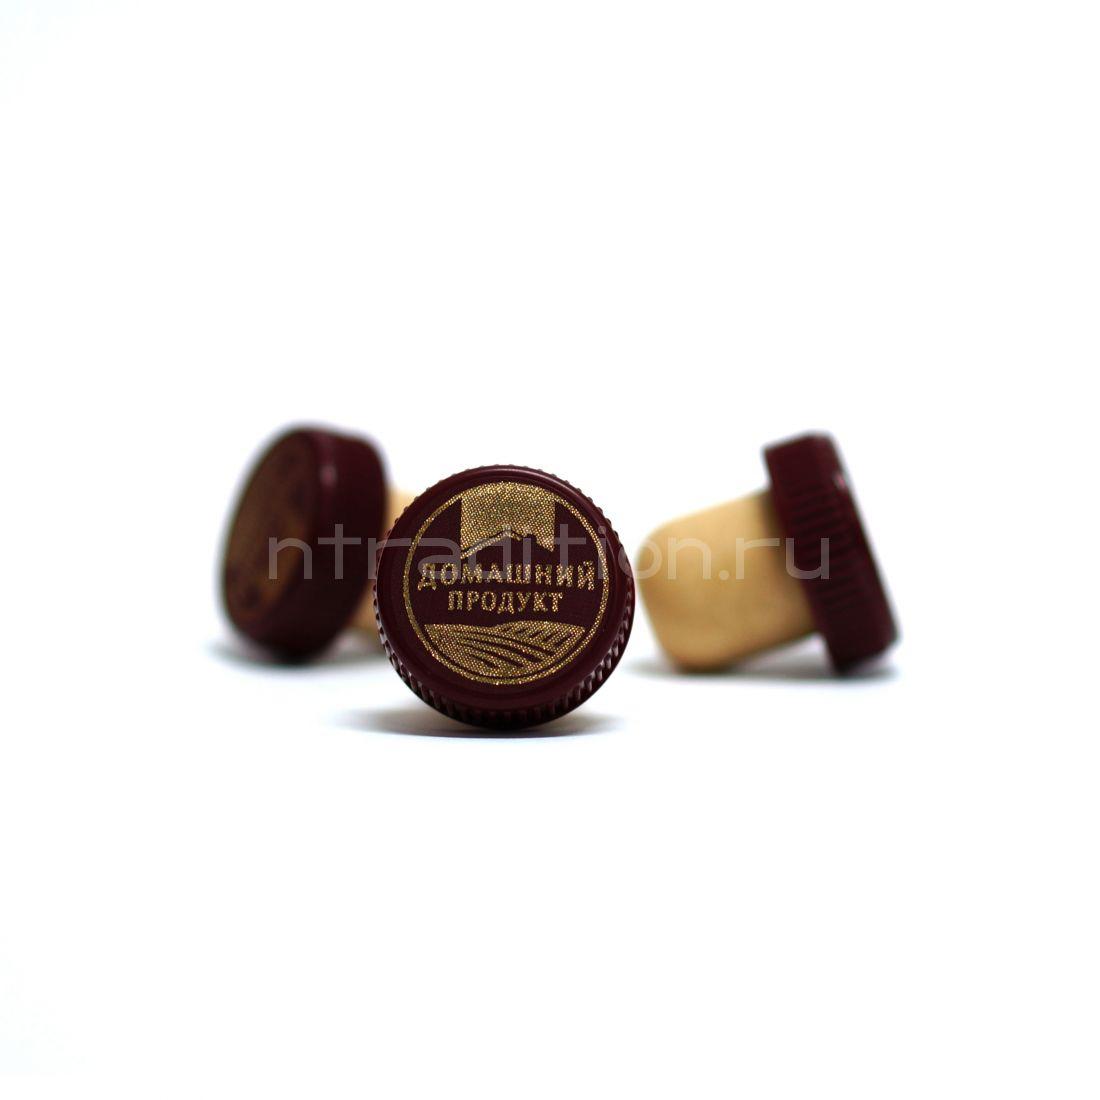 T-образная коньячная пробка, 19,5 мм, Домашний продукт, 10 шт., бордо